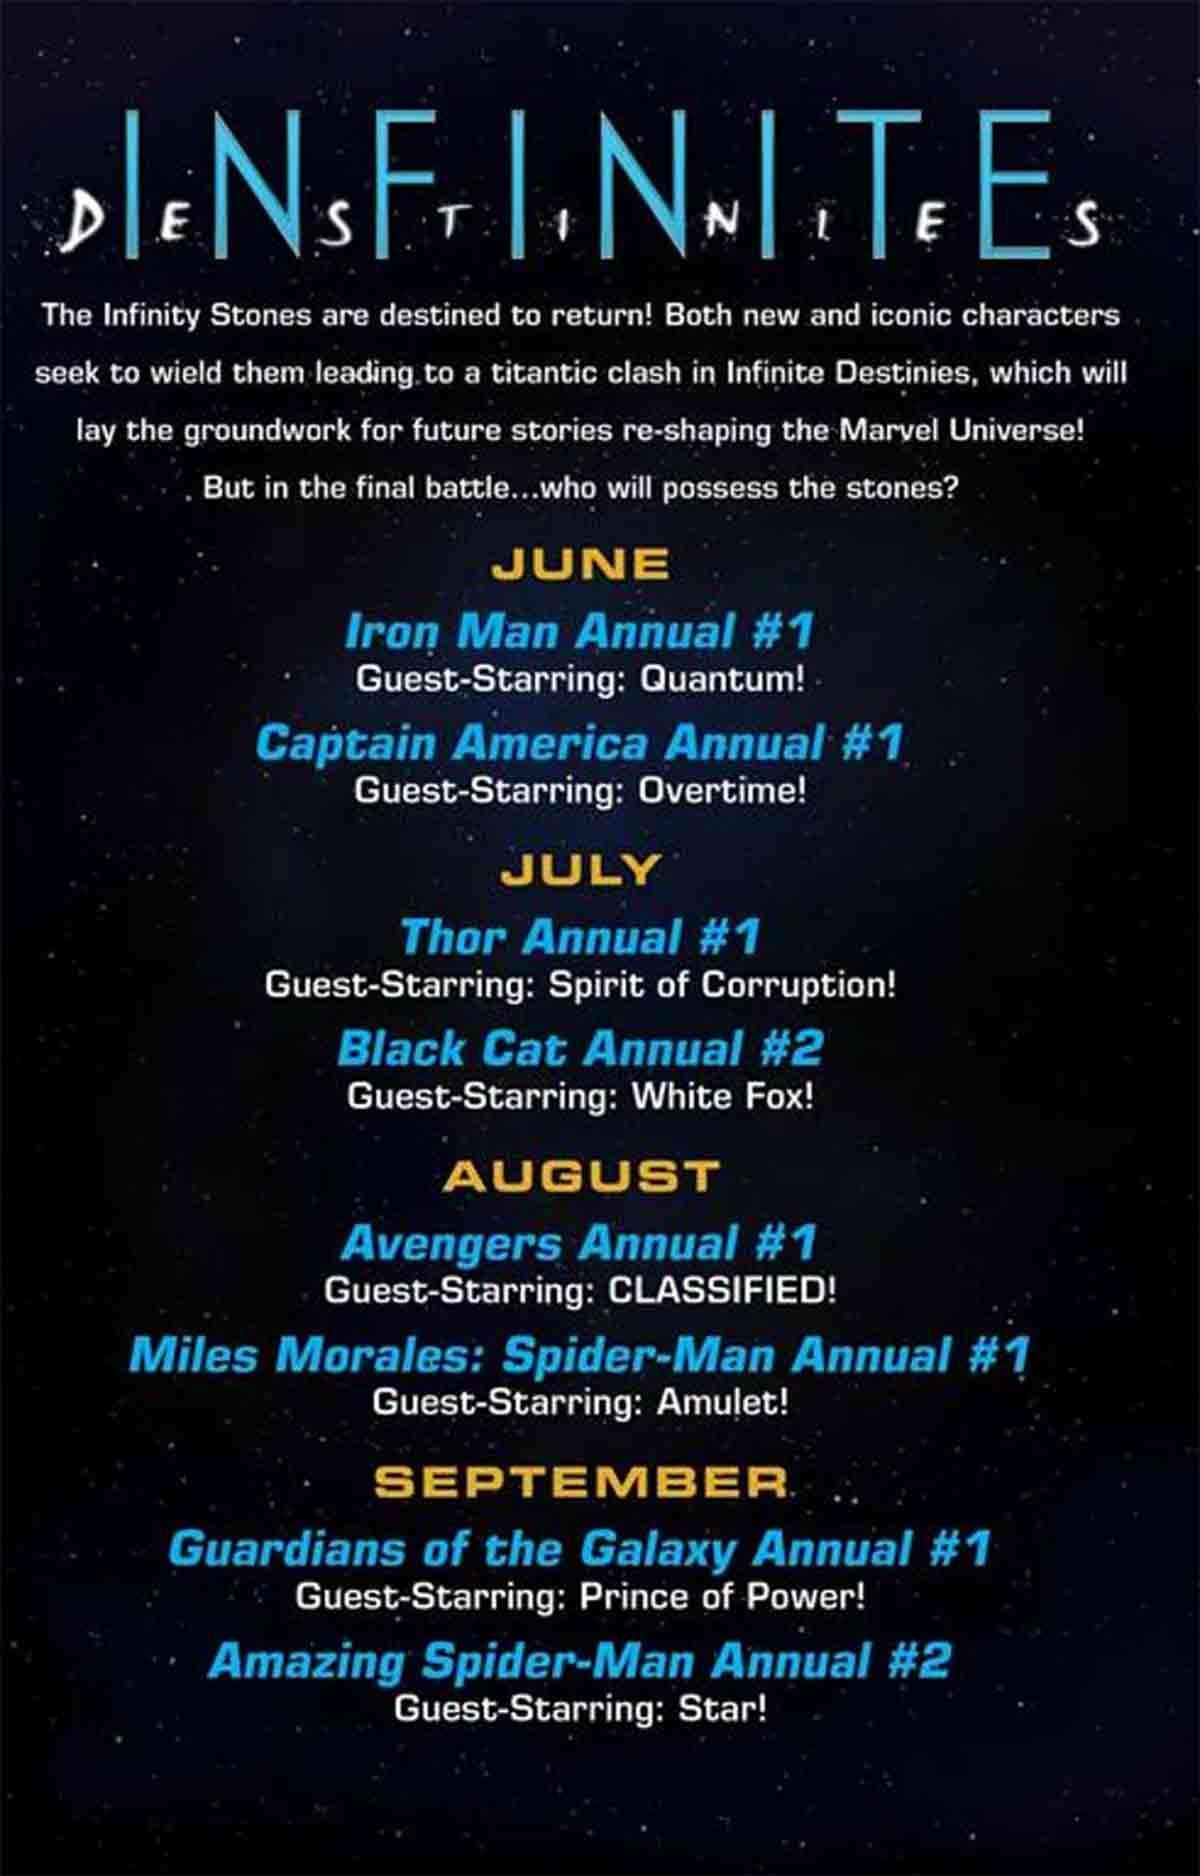 Las Gemas del Infinito regresarán a los héroes de Marvel